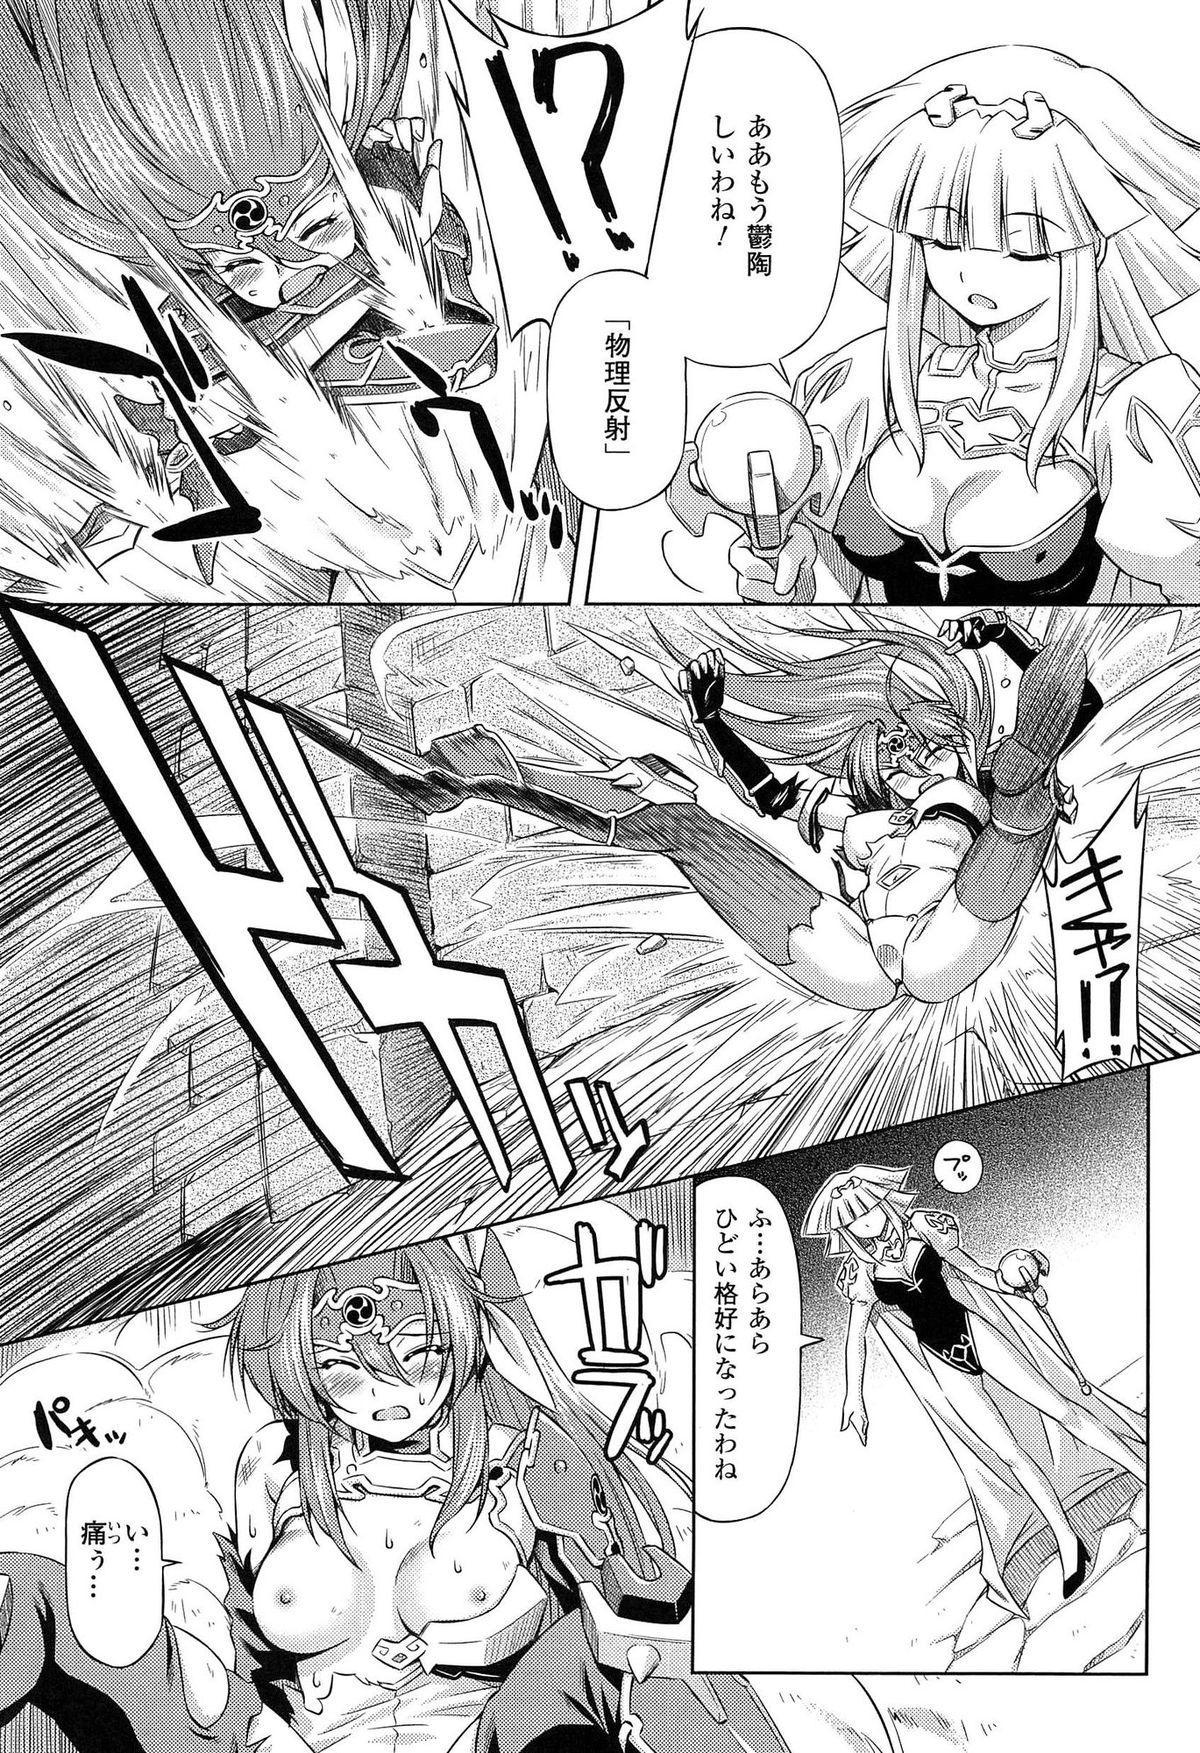 [kazuma muramasa, ZyX] Ikazuchi no Senshi Raidy ~Haja no Raikou~ THE COMIC 74